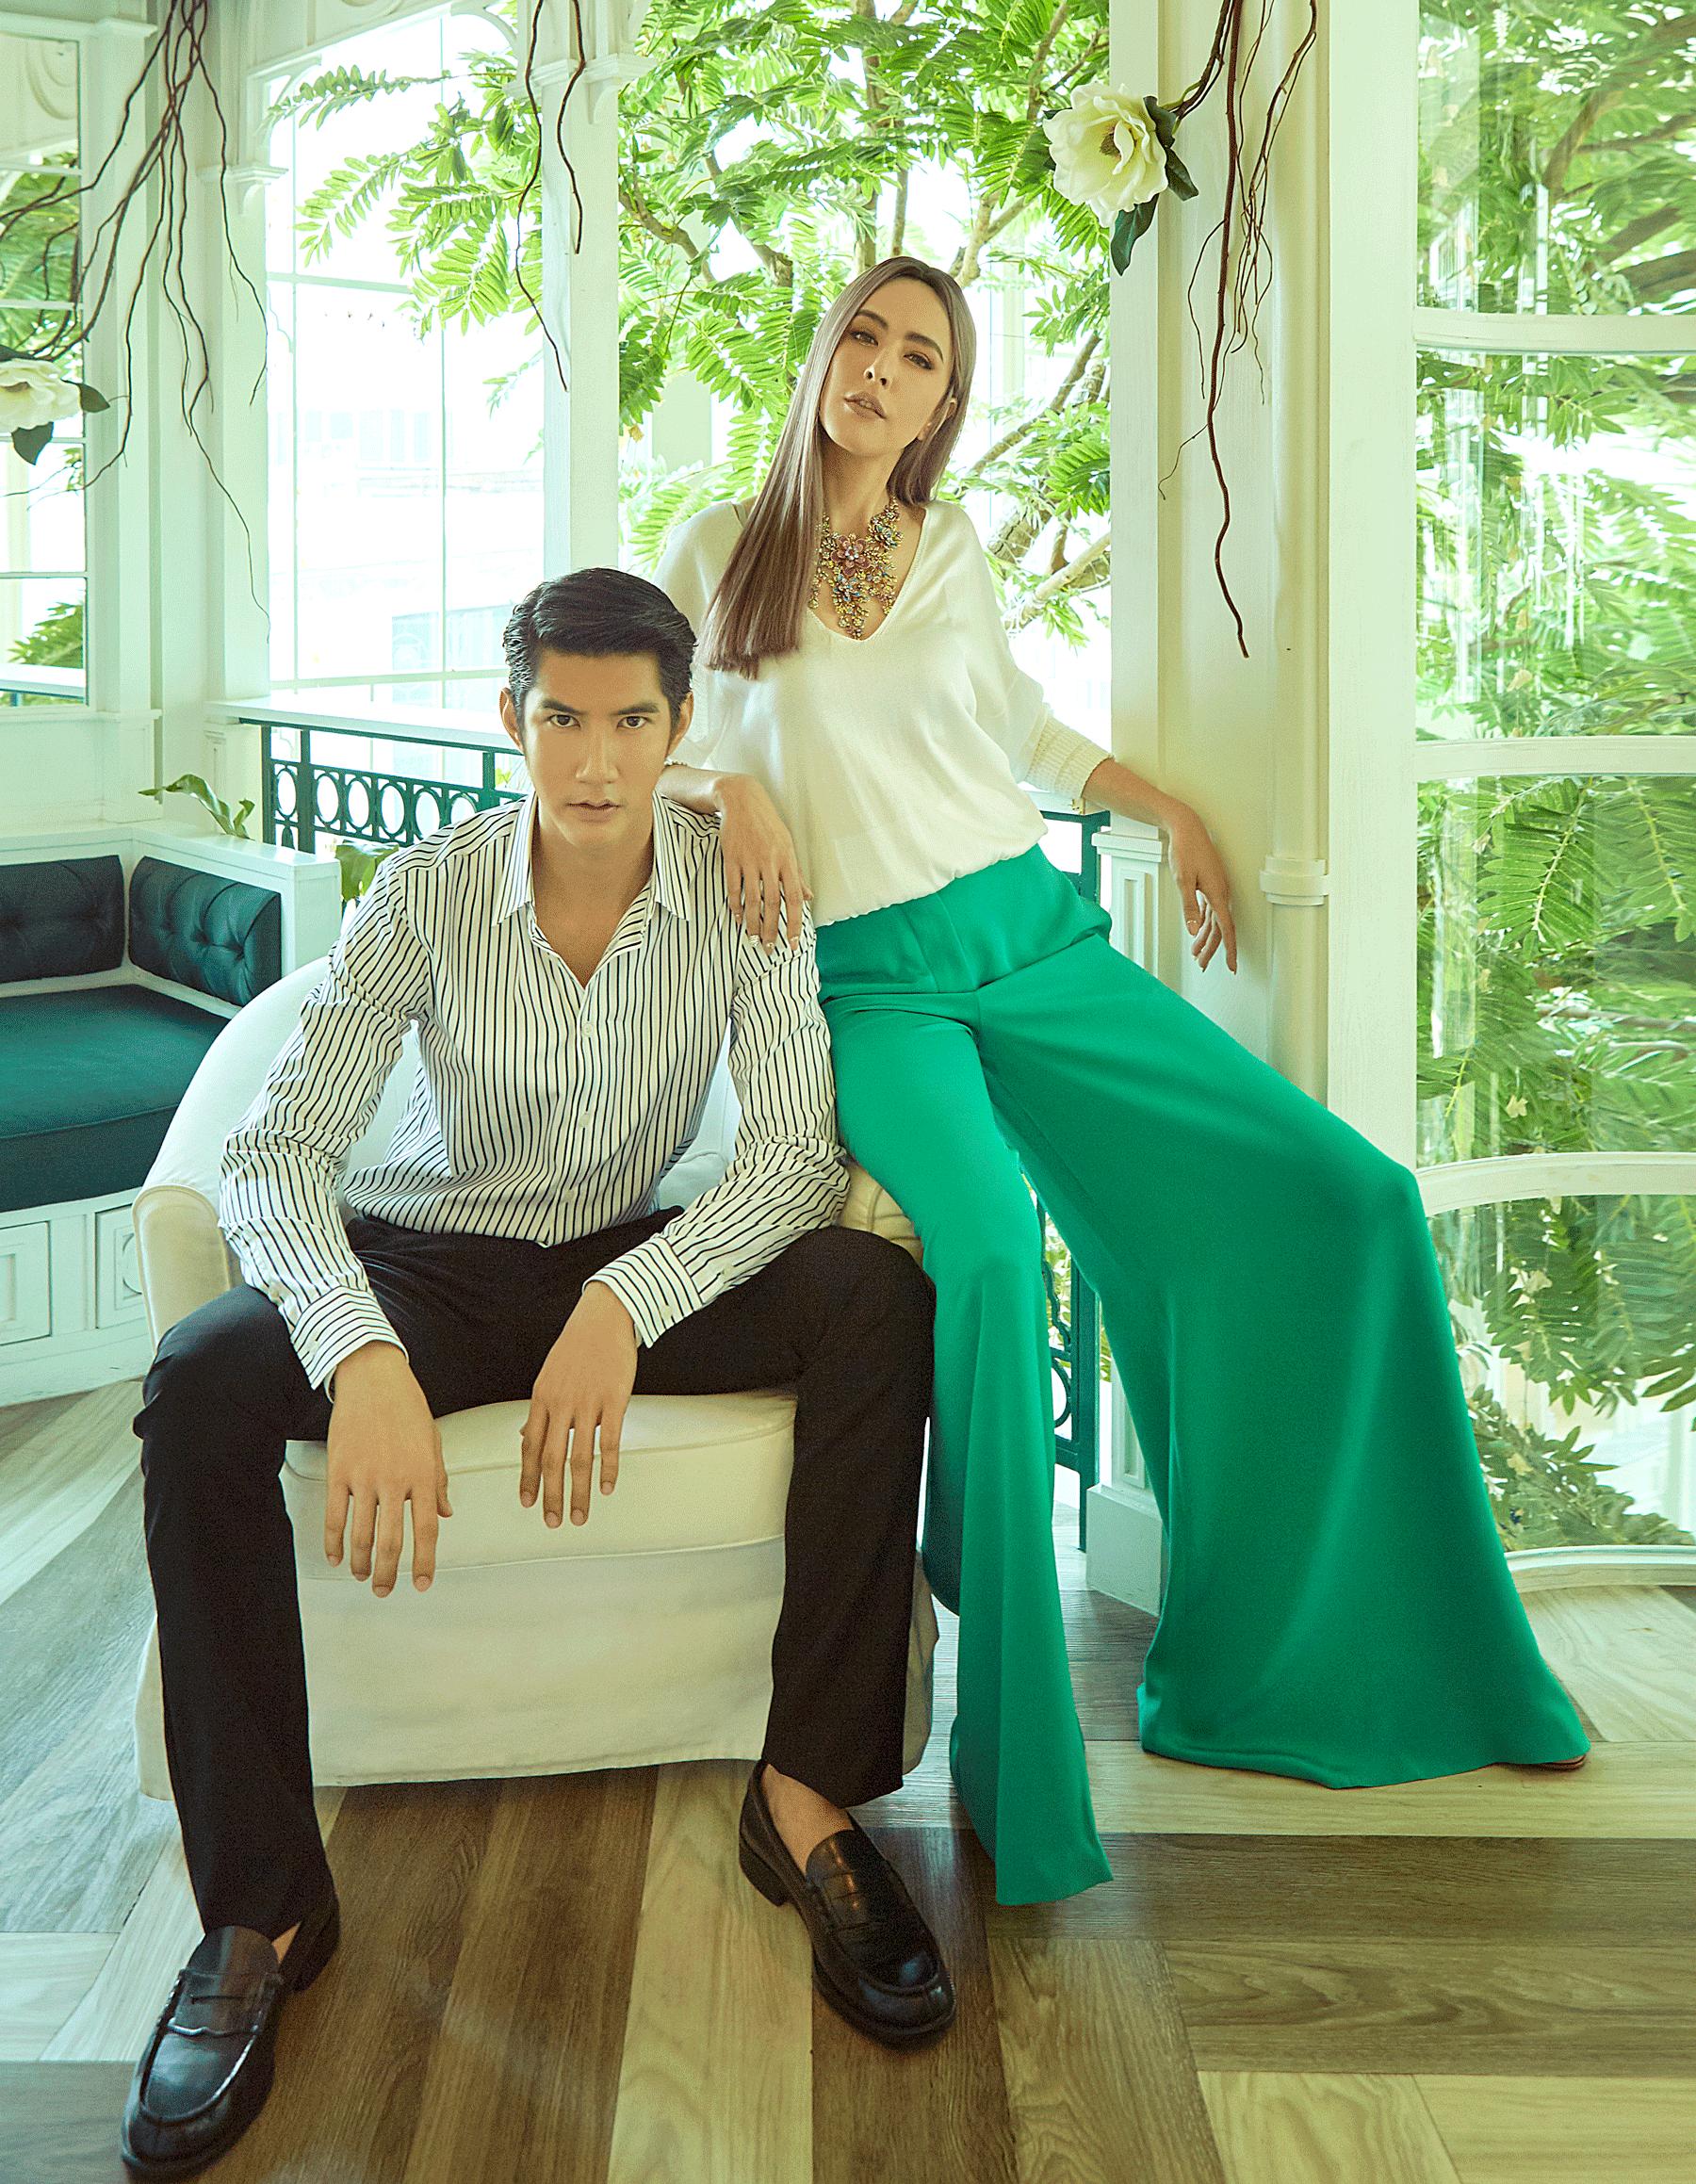 Sririta :clothes : Tory Burch / necklace : Butler & Wilson London  Man : Clothes : CK Calvin Klein